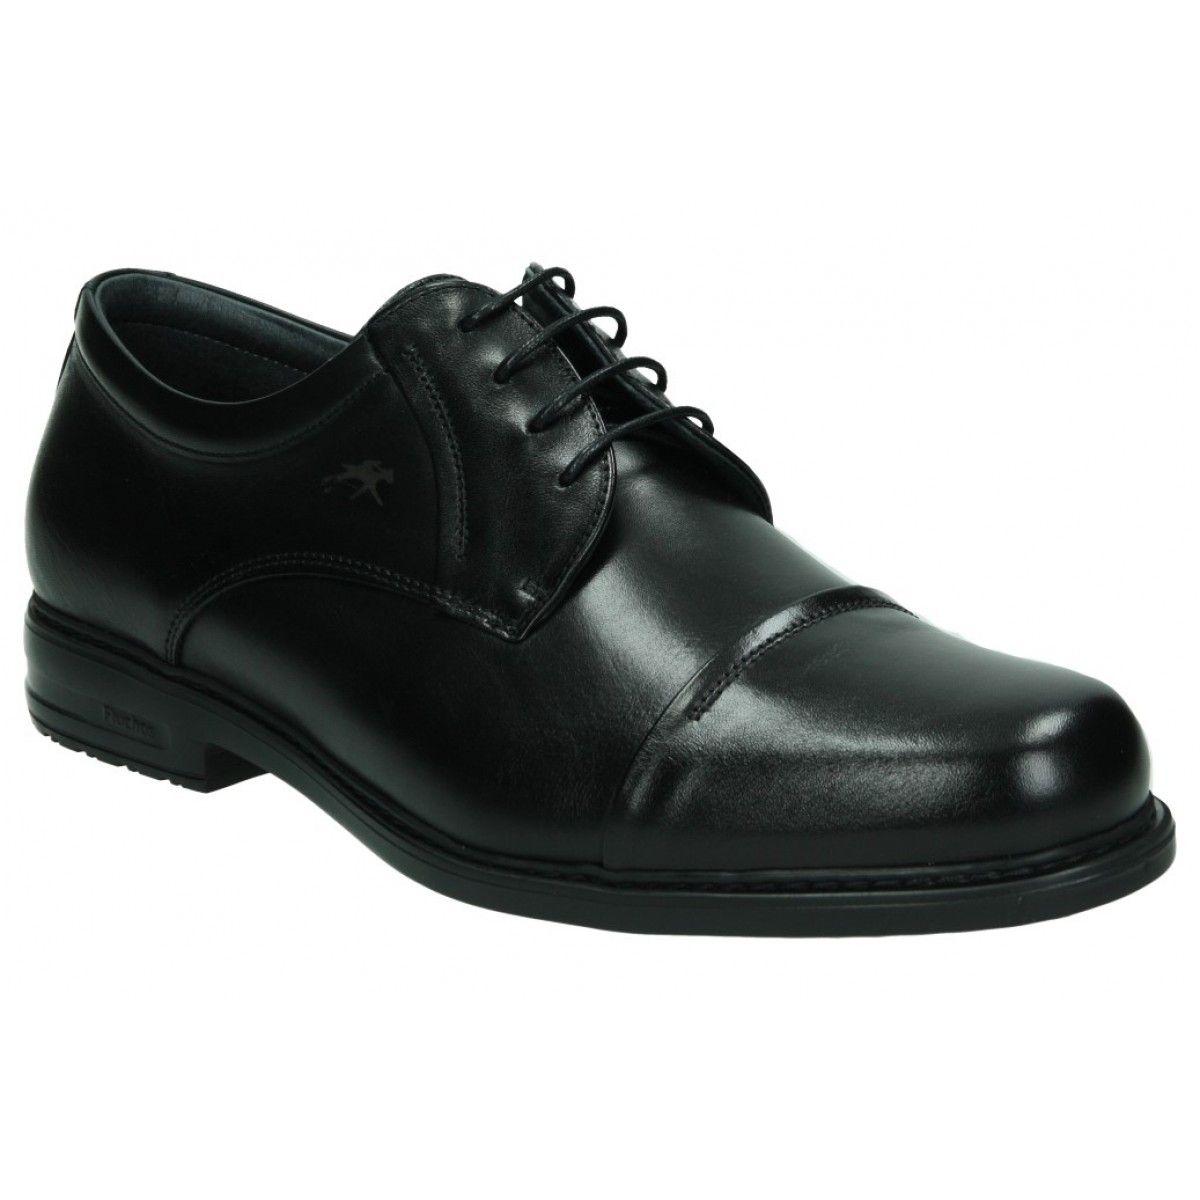 Zapatos Hombre Online | Compra De En Megacalzado